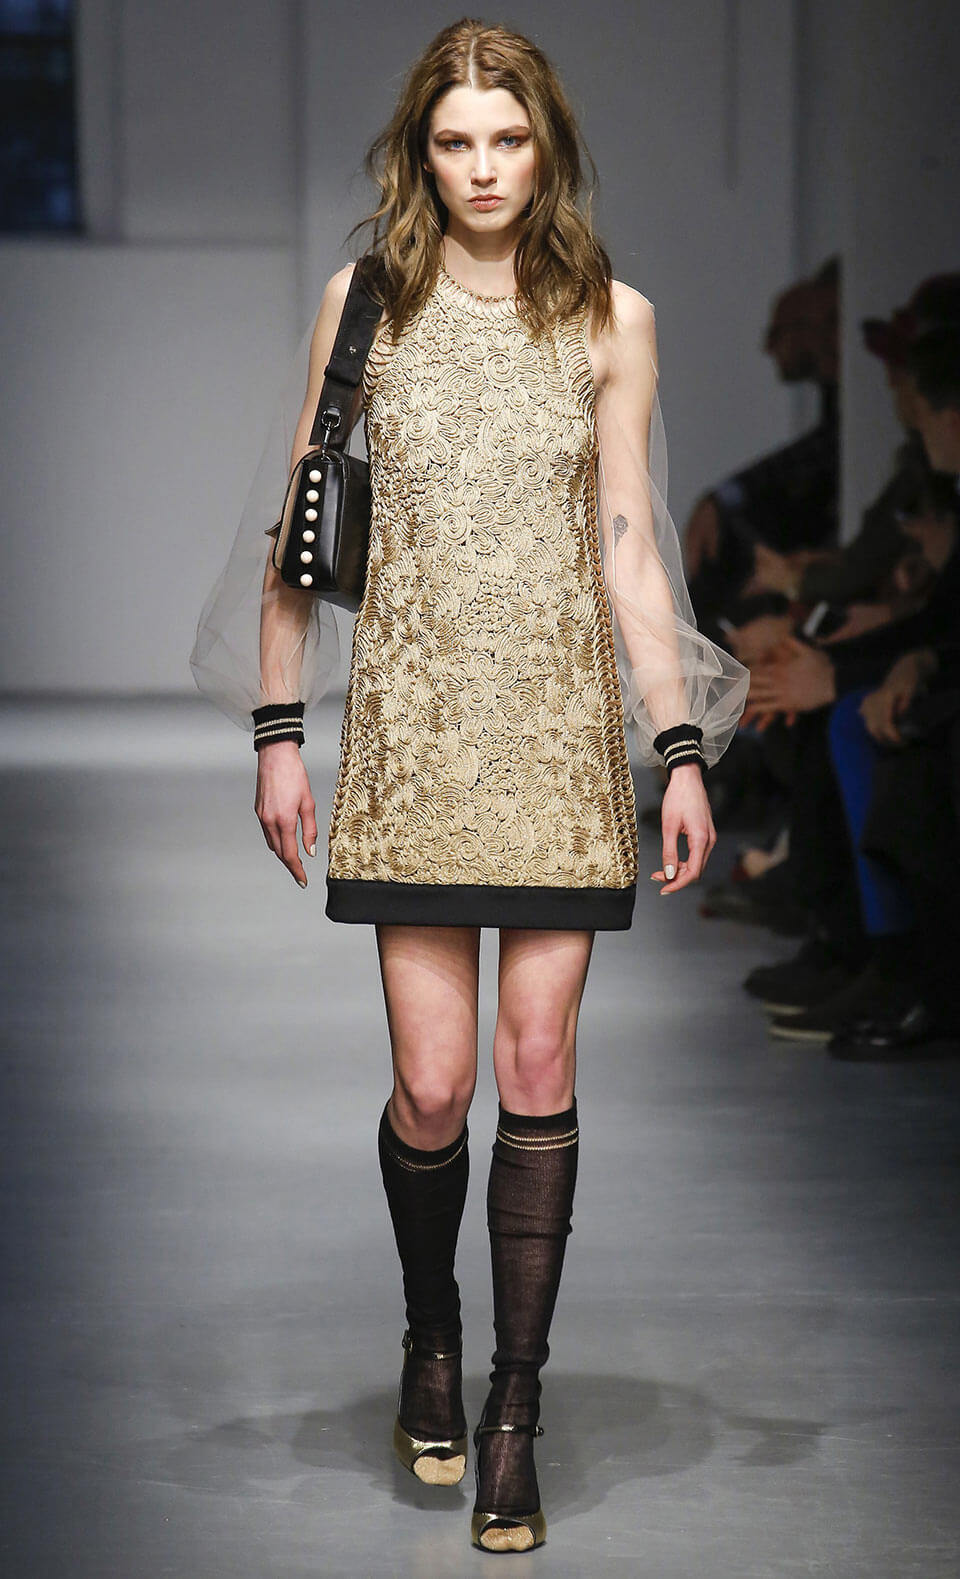 Vestido dourado - Les Copains